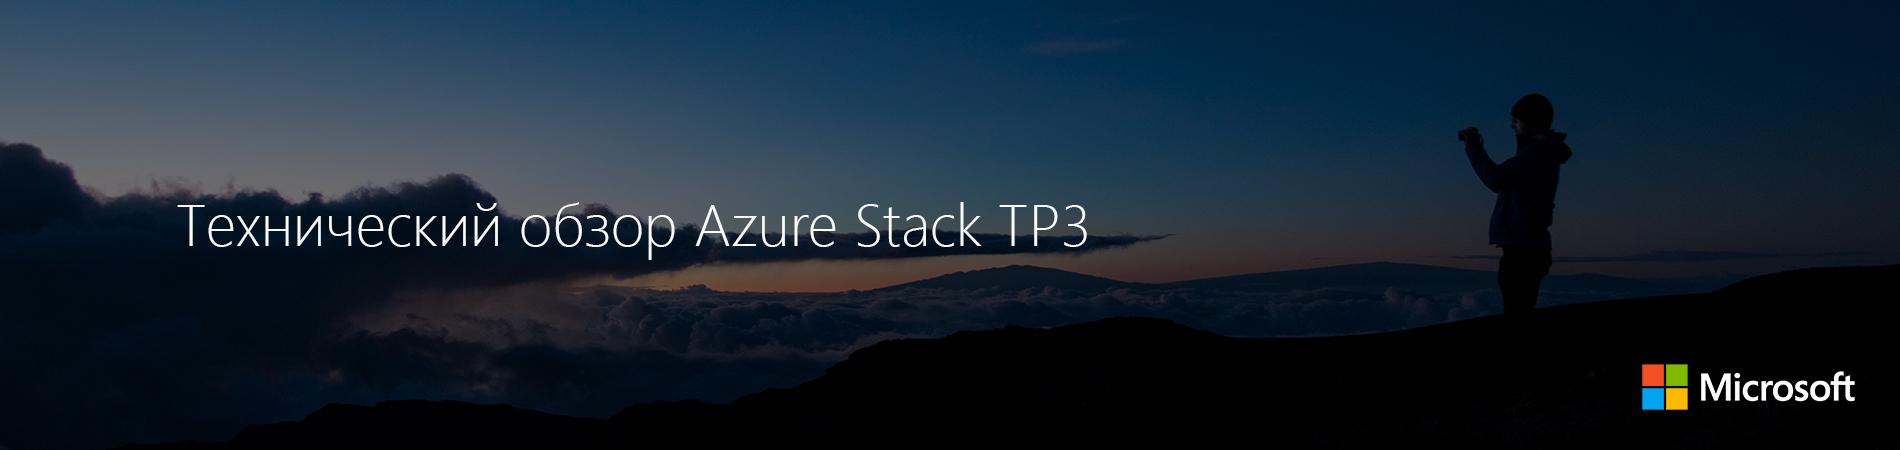 Подключайтесь к вебинару: «Технический обзор Azure Stack TP3». Начало 27 апреля в 11:00 (МСК)